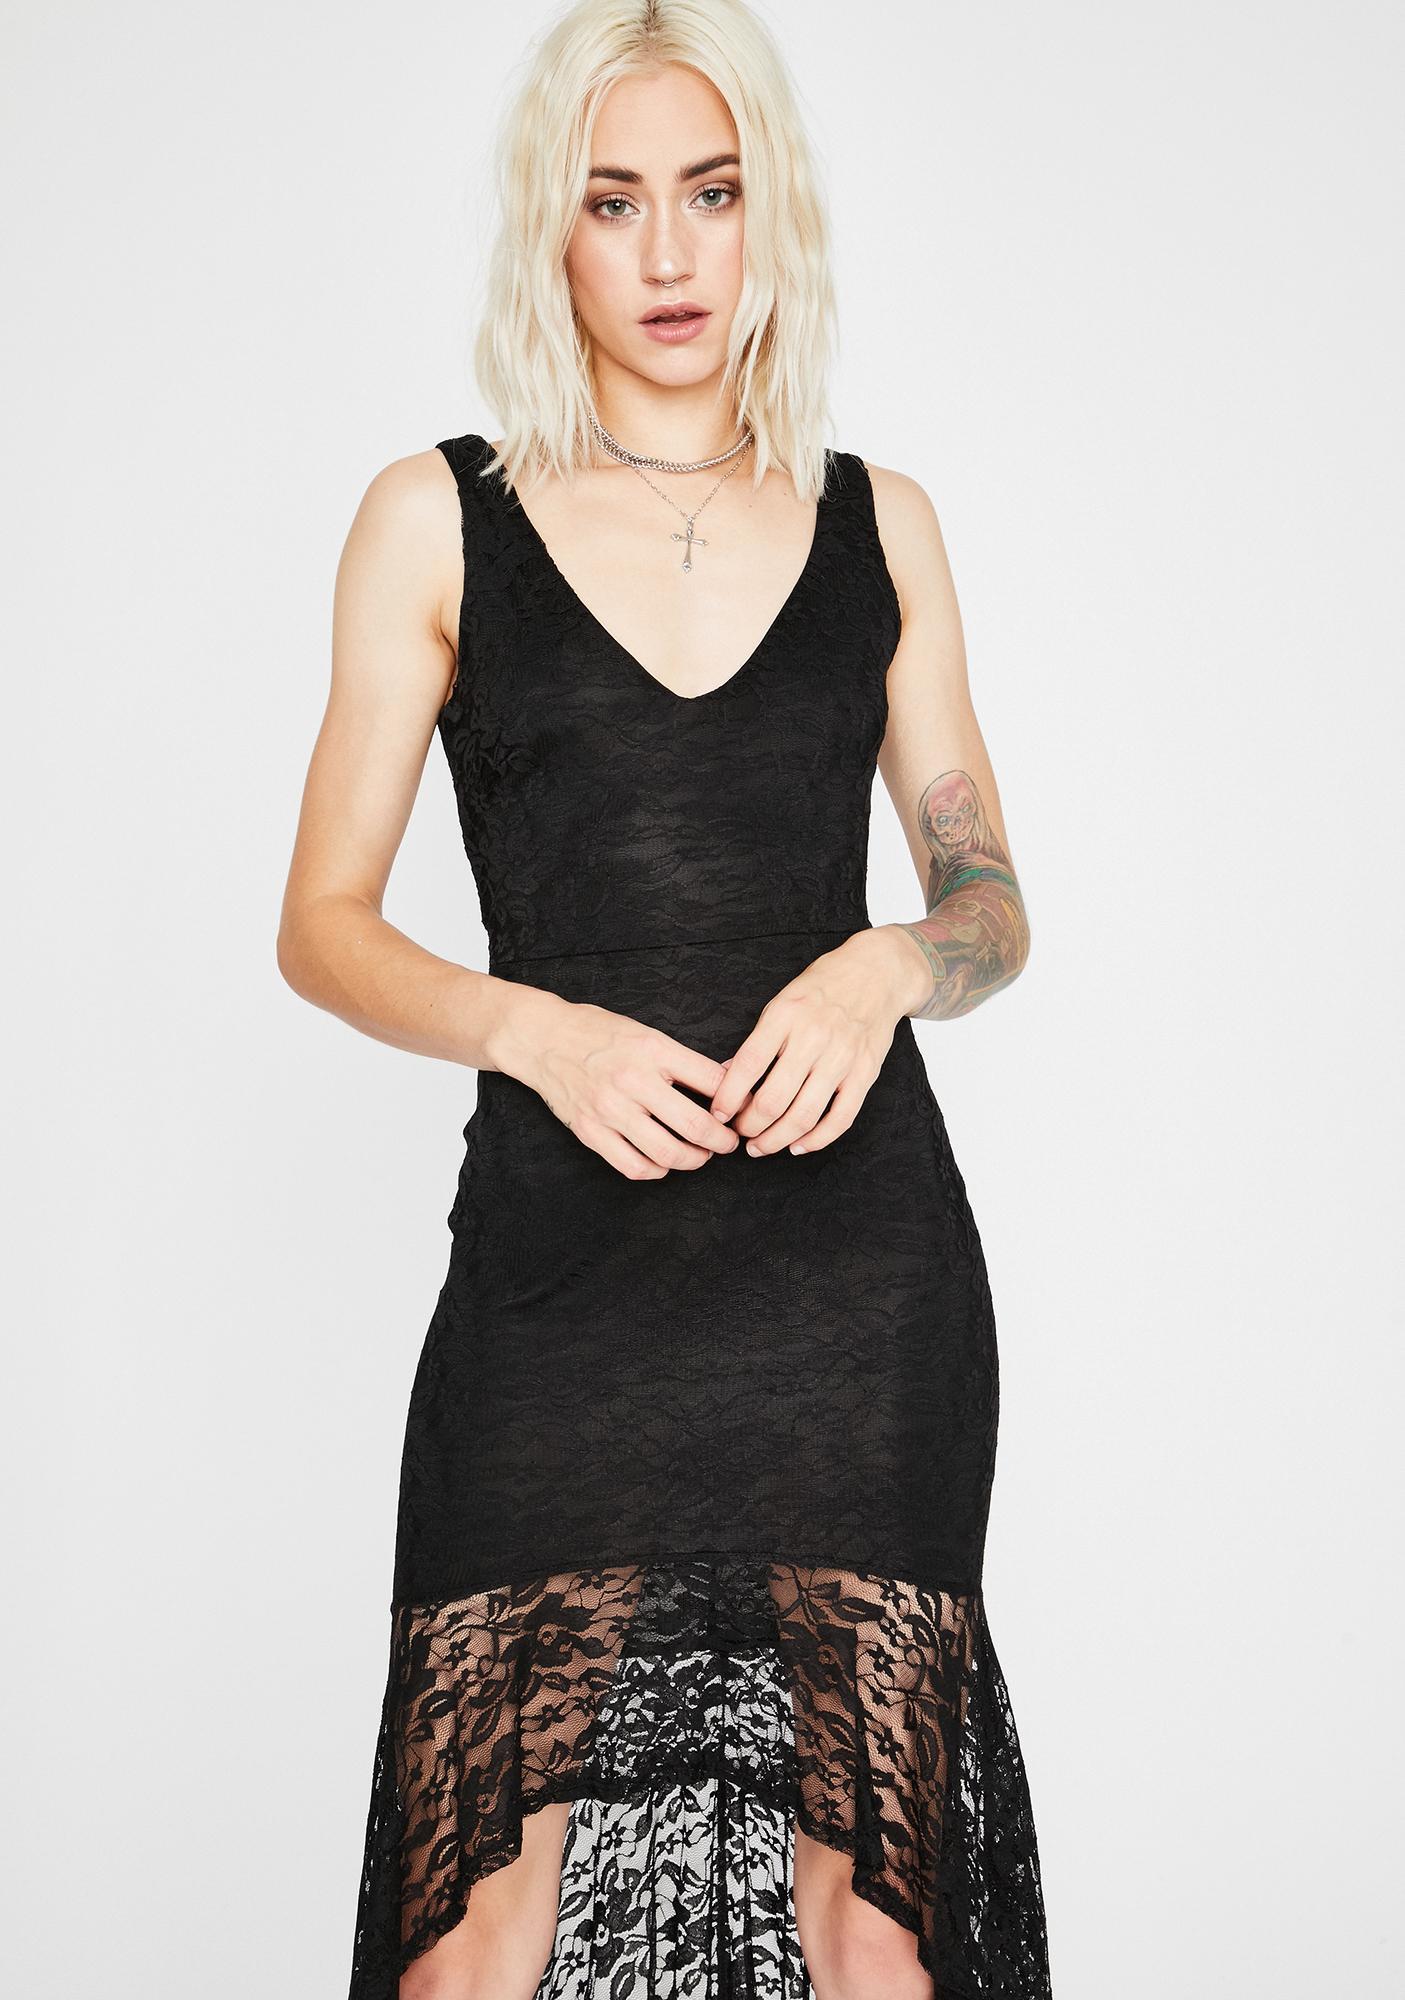 1ef848c99aef3 High Key Classy Lace Dress